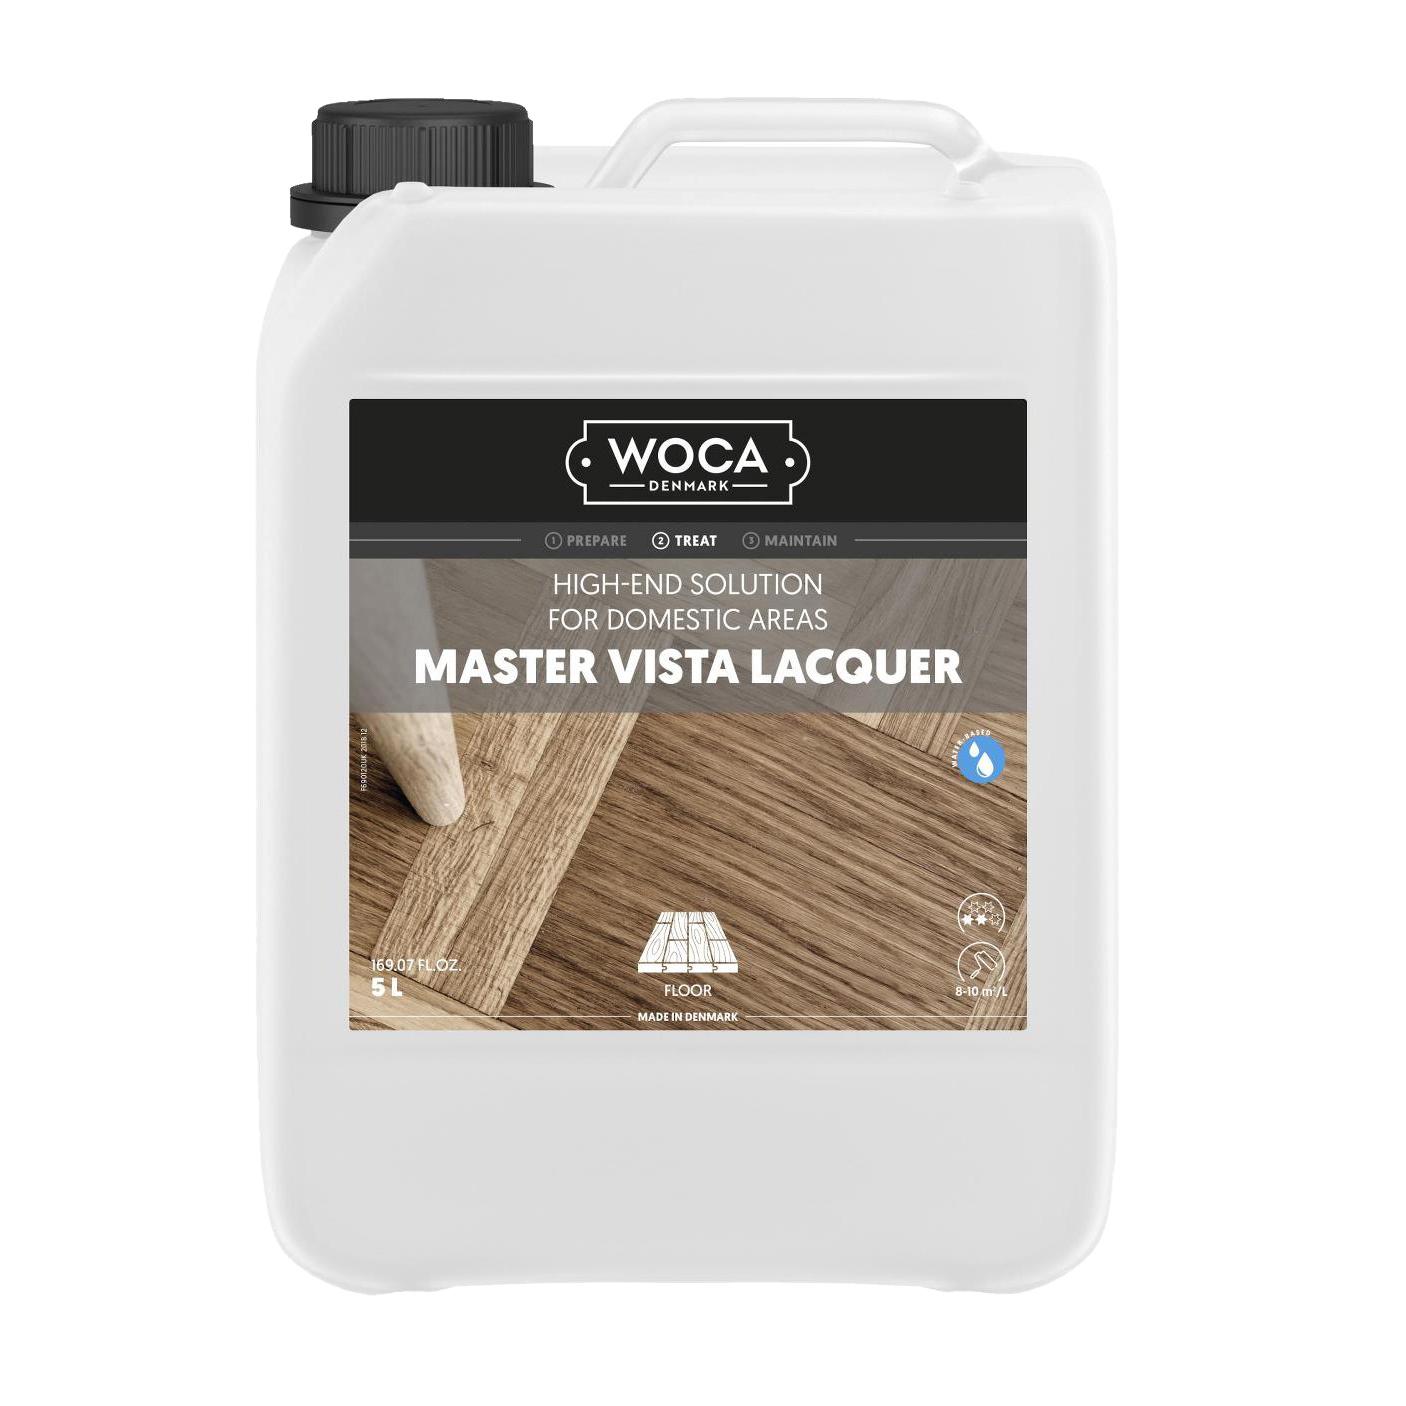 WOCA Master Vista 5 Ltr. Seidenmatt